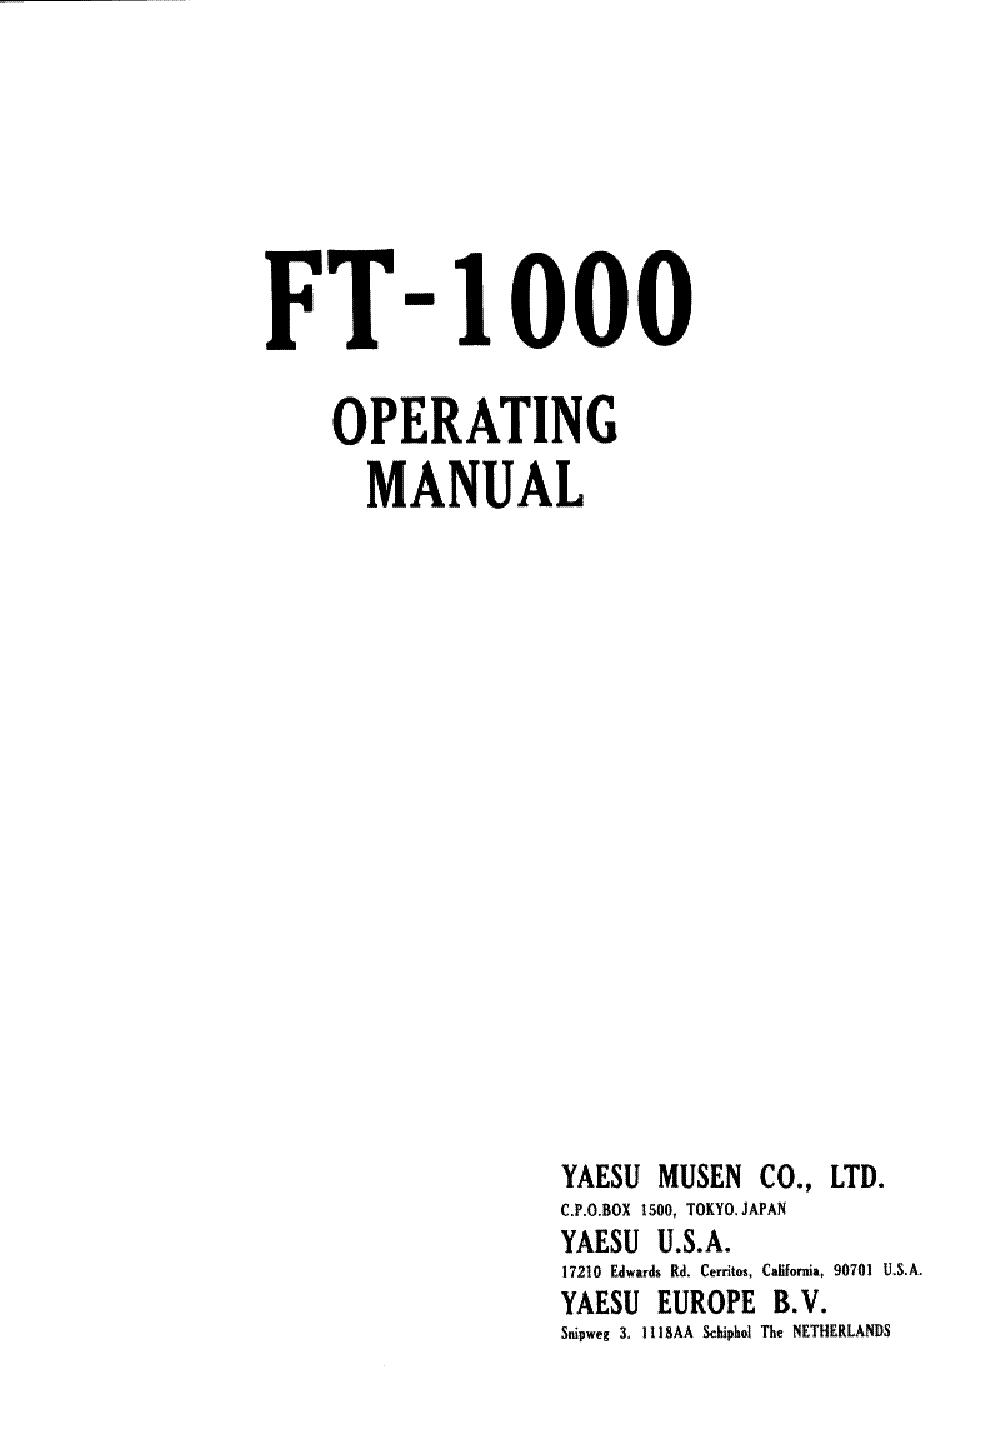 YAESU FT-1000 service manual (1st page)